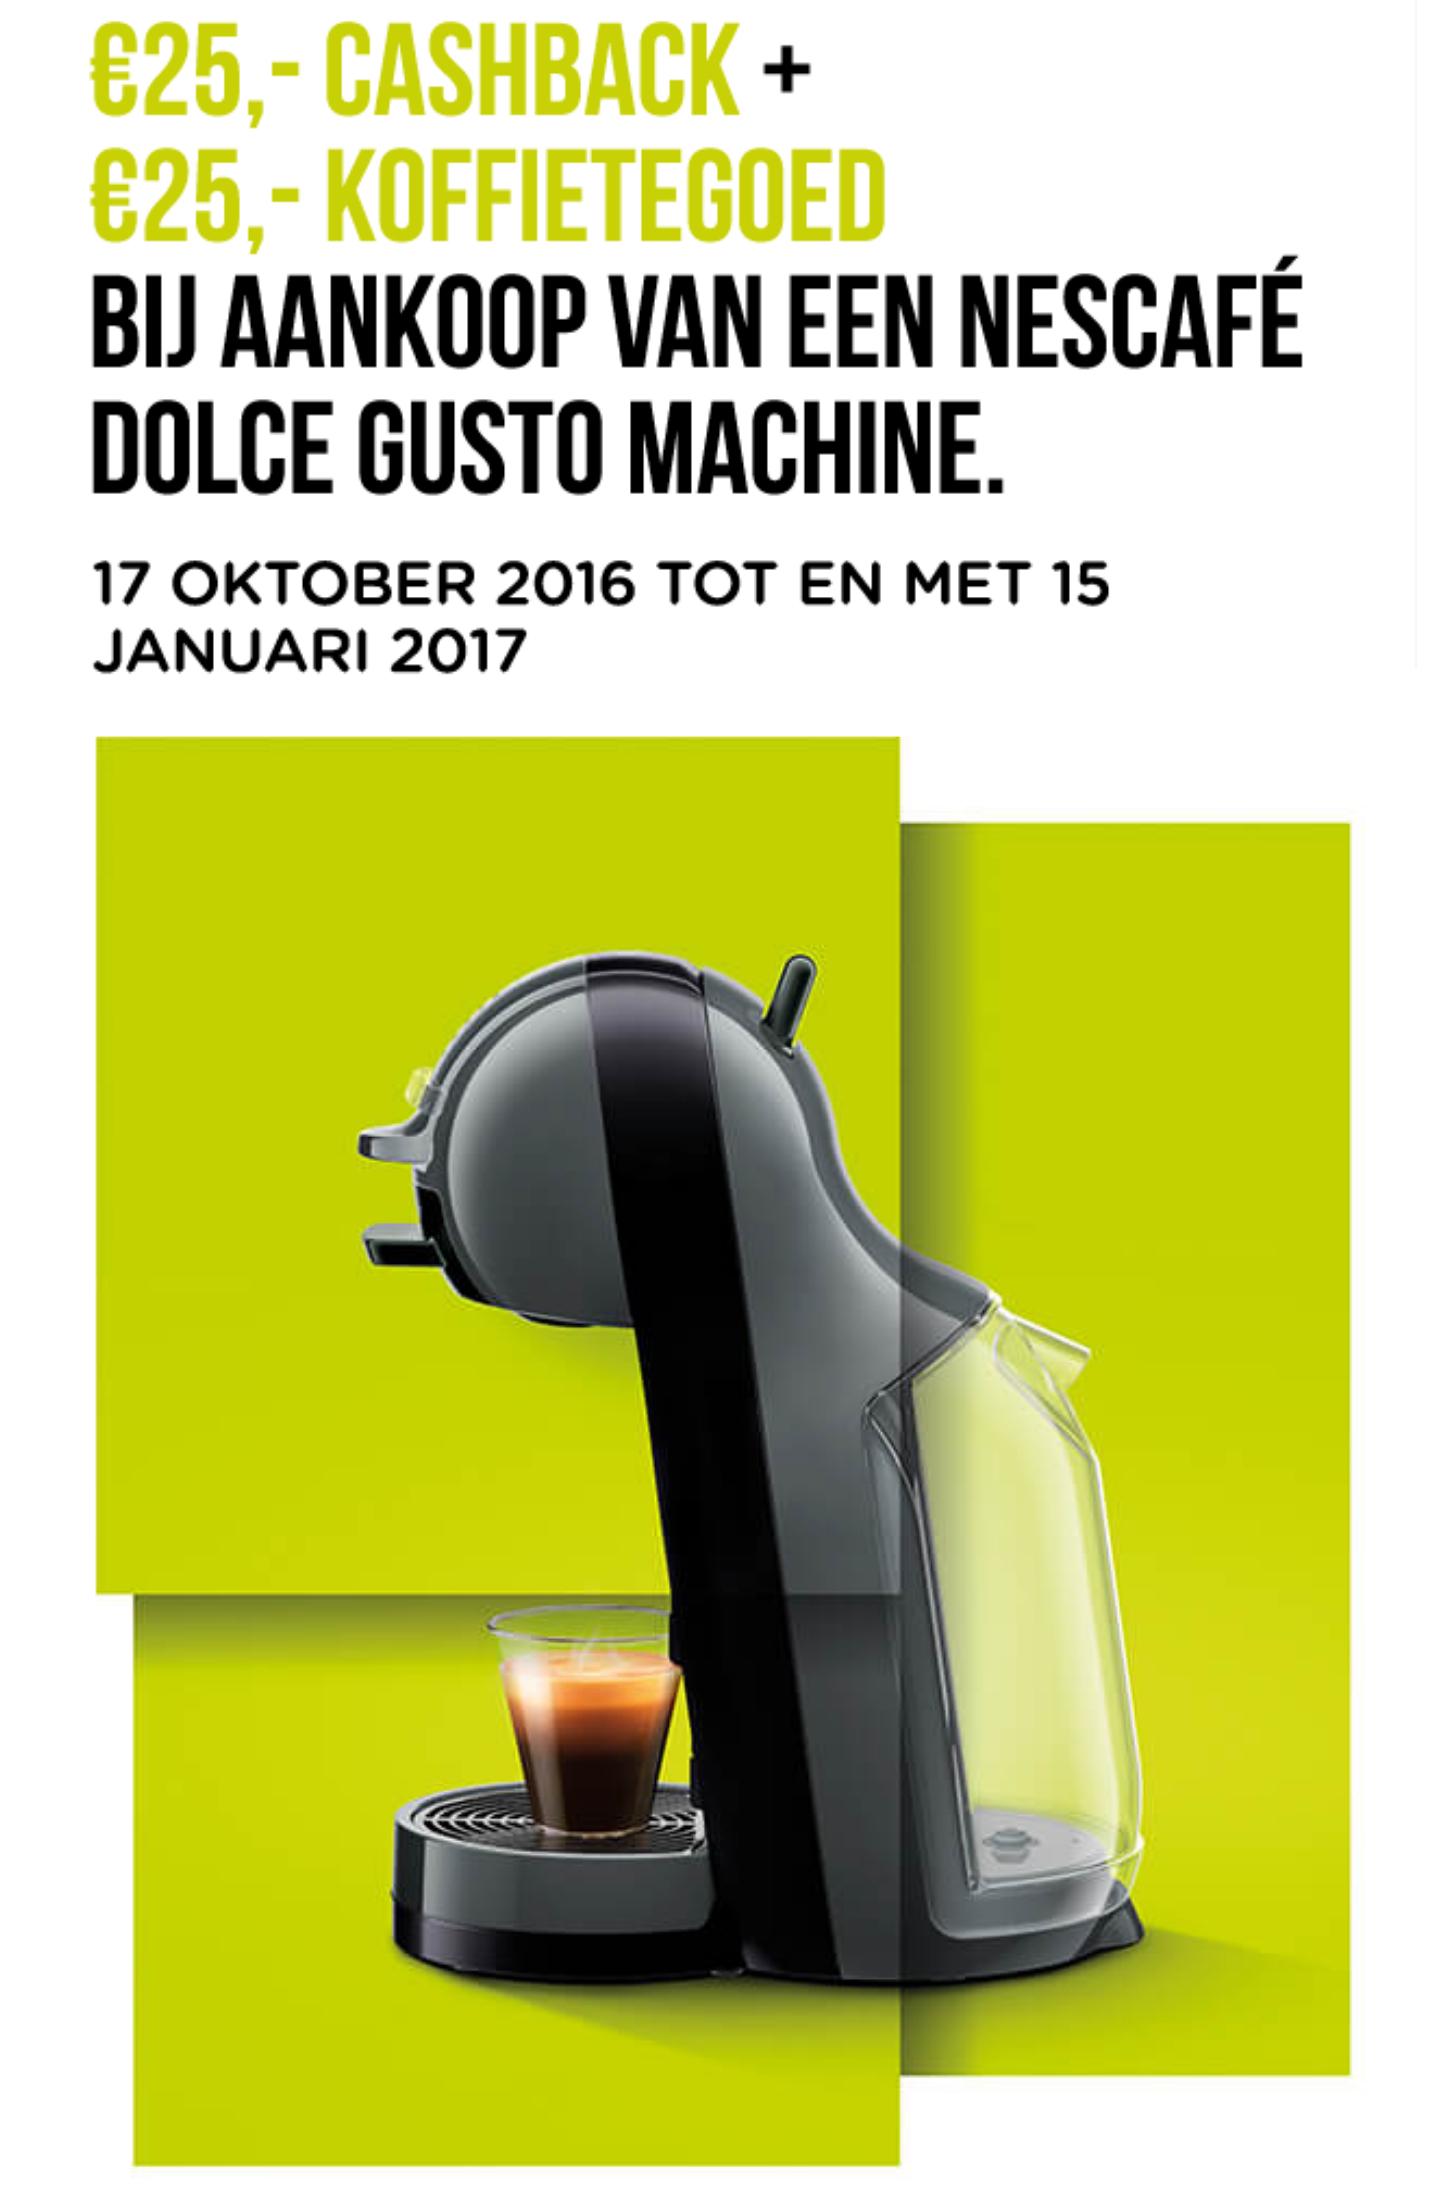 €25 cashback + €25 koffietegoed bij aanschaf van een machine @ Dolce Gusto